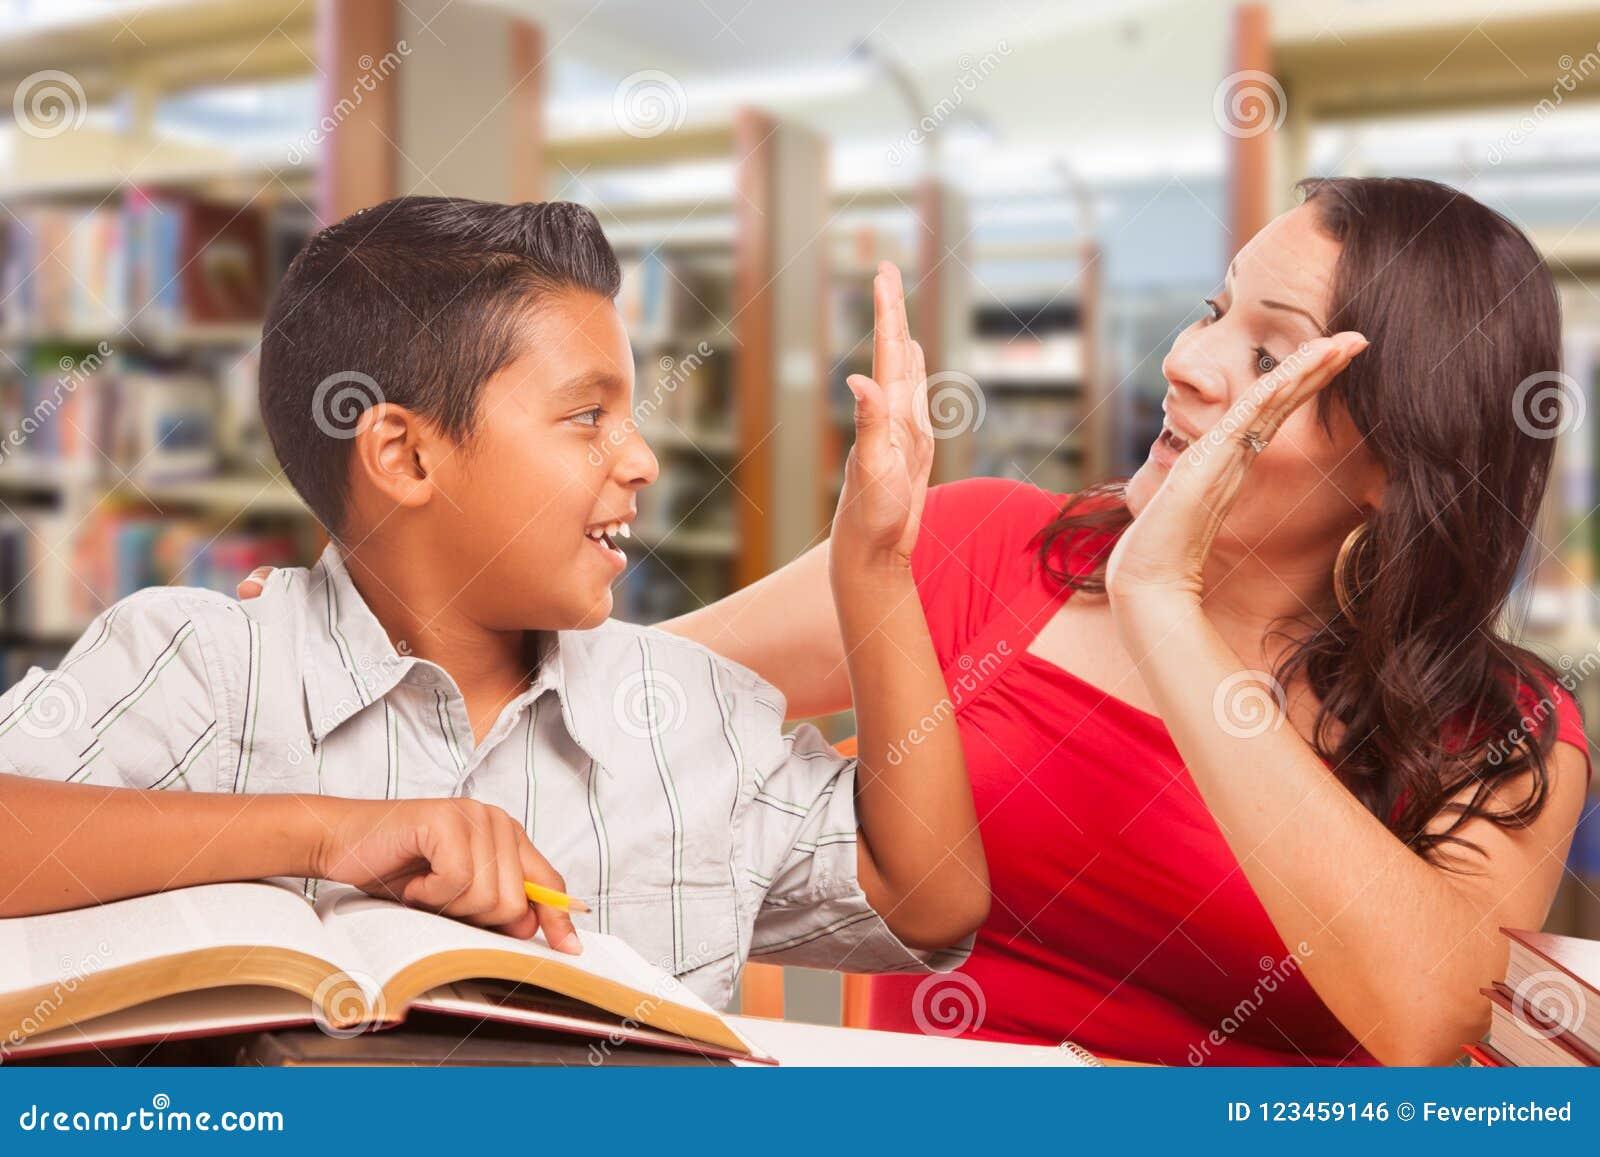 Испанский молодой мальчик и женский взрослый максимум 5 изучая